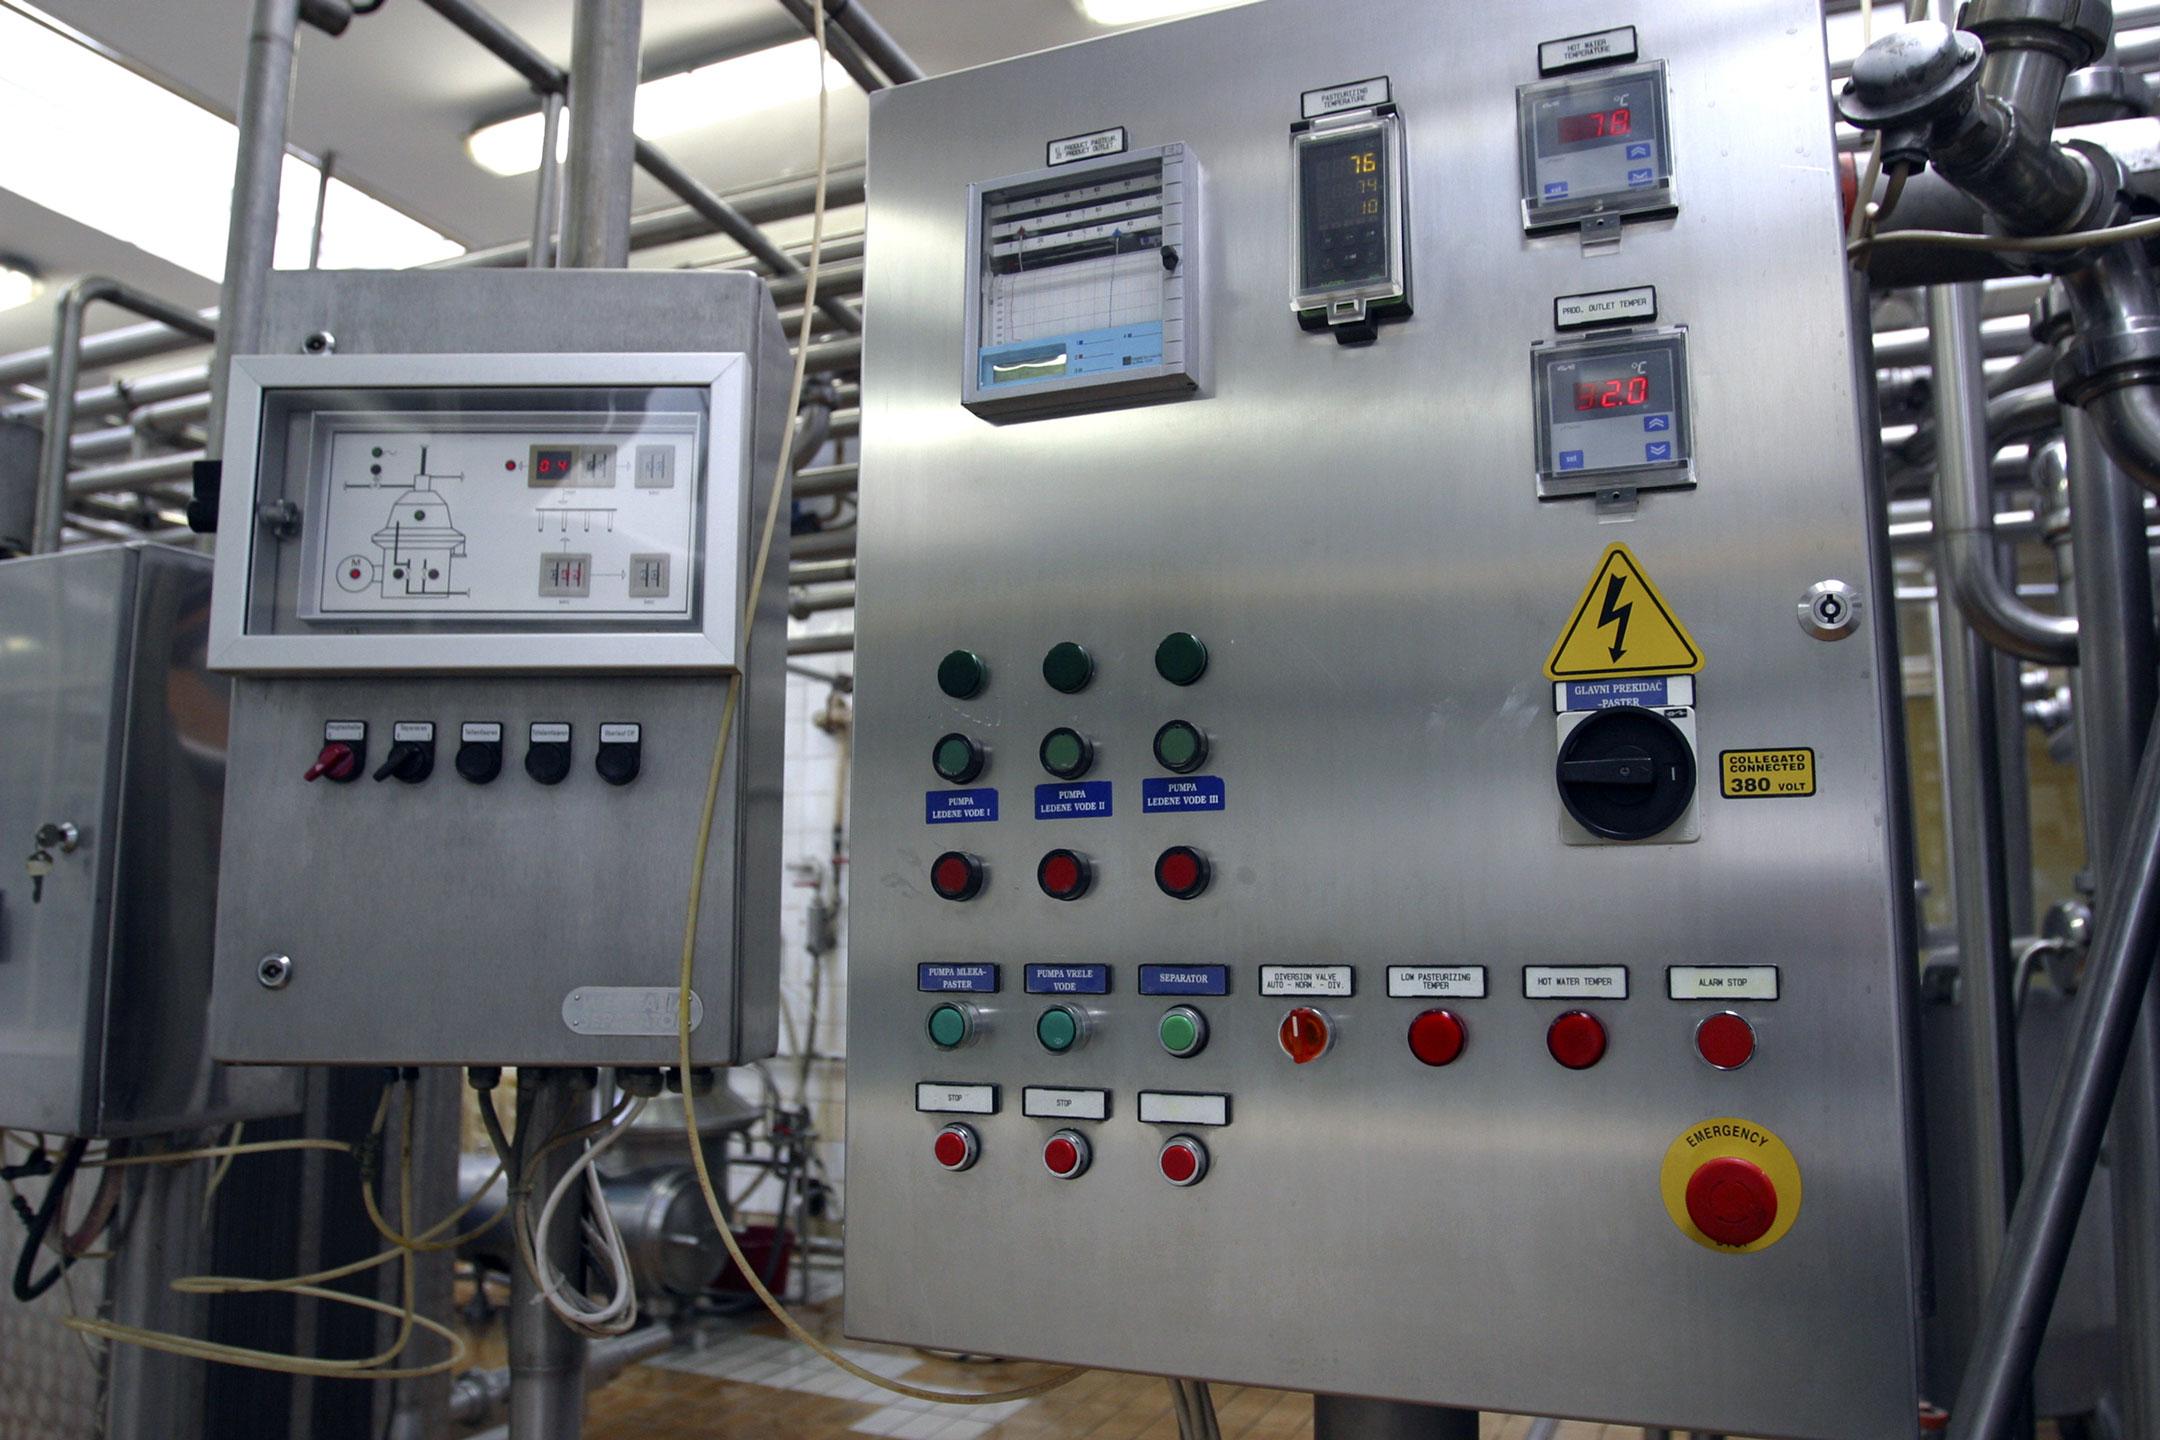 linden industrial lost control